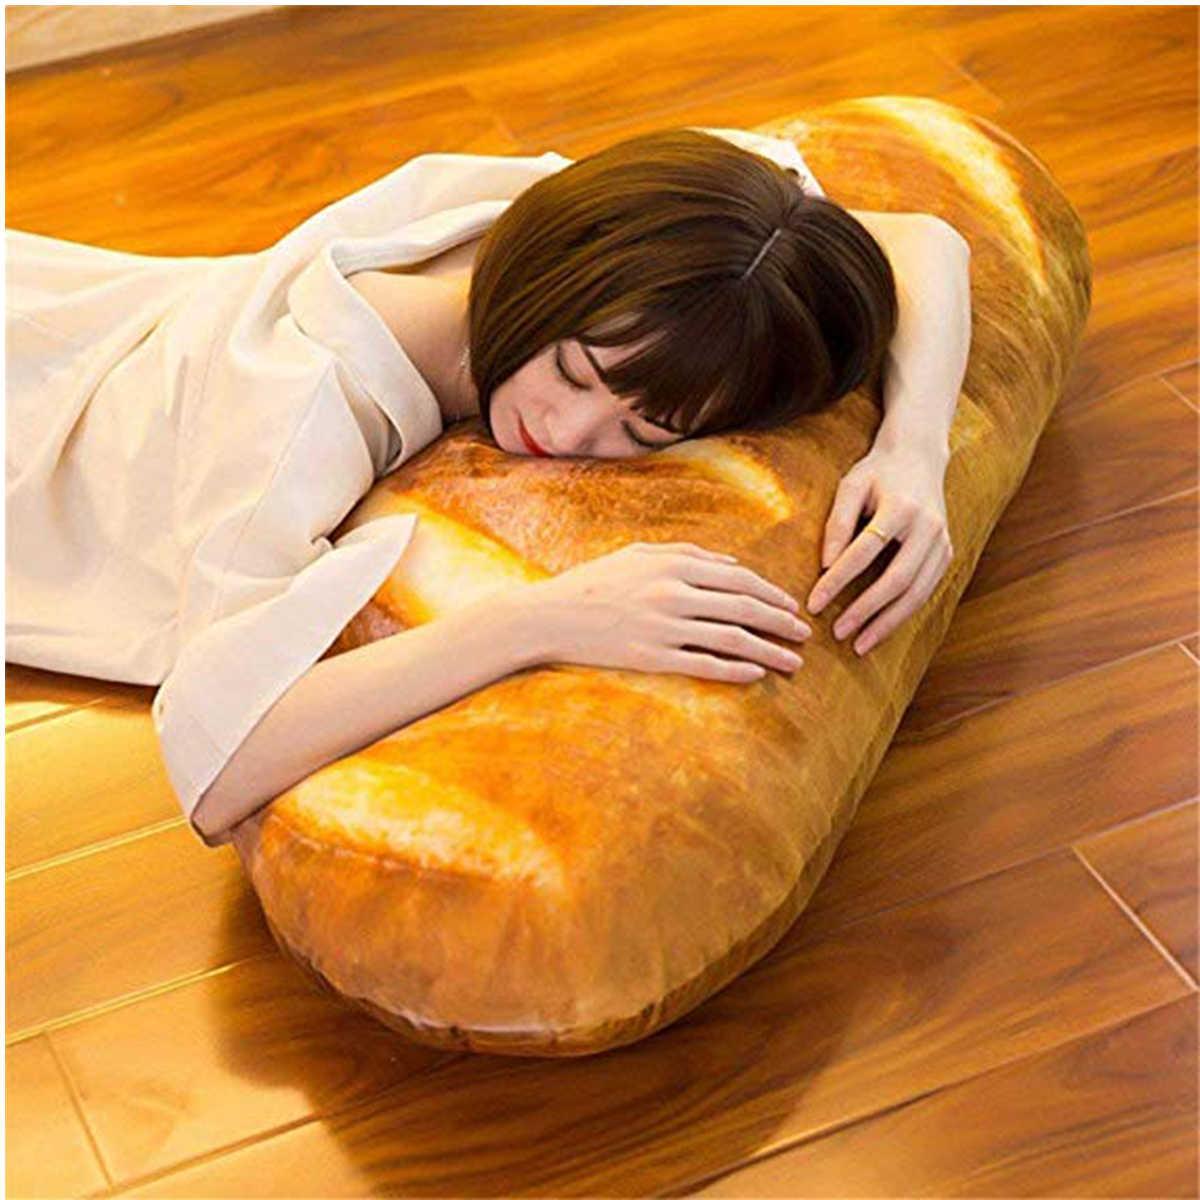 Juguetes De aperitivo 3D simulados divertido cojín de cumpleaños suave relleno decoración para el hogar respaldo regalo niña almohada de felpa para niños forma de pan